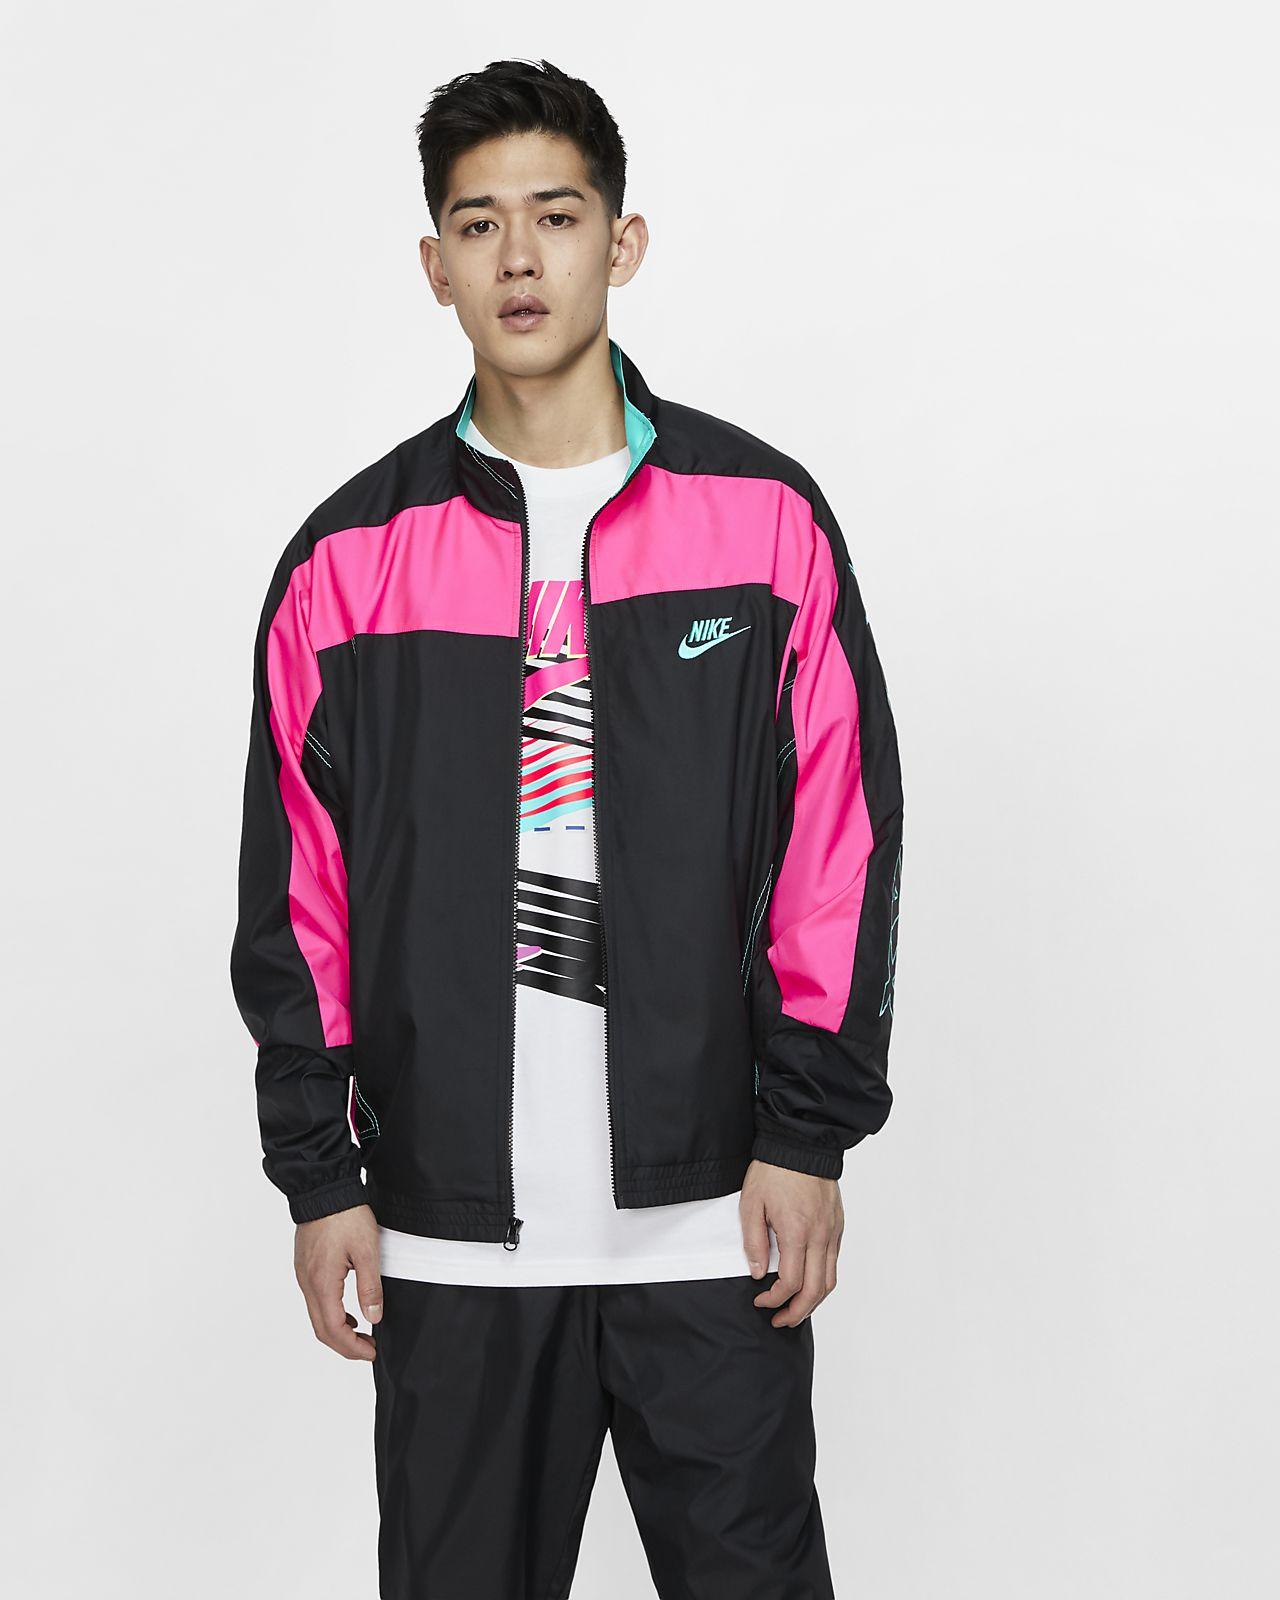 ナイキ x アトモス メンズ トラックジャケット